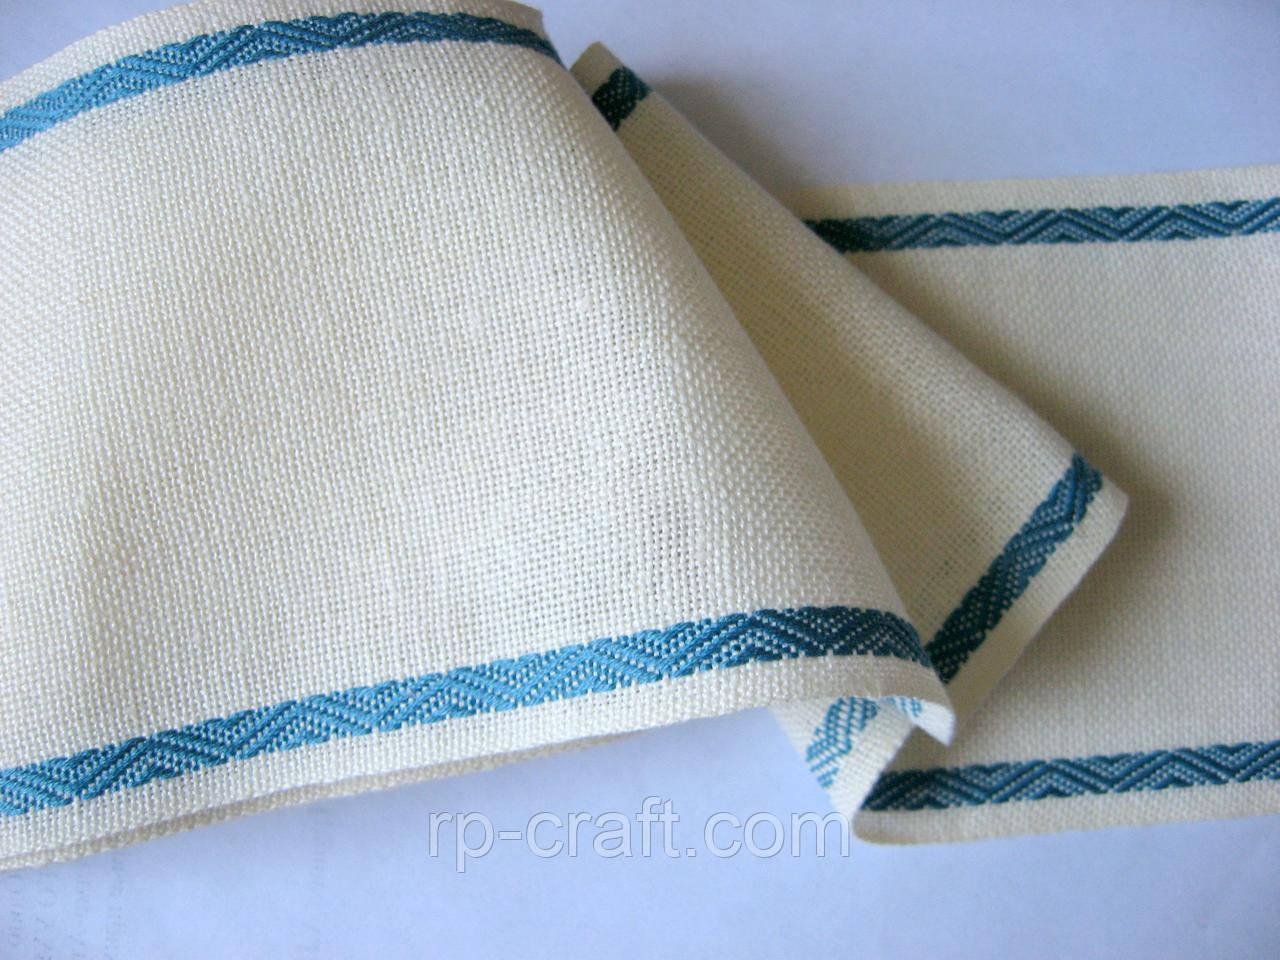 Лента для вышивки. Молочная, с синим тканым узором, 10  см, длина 2,67 метра